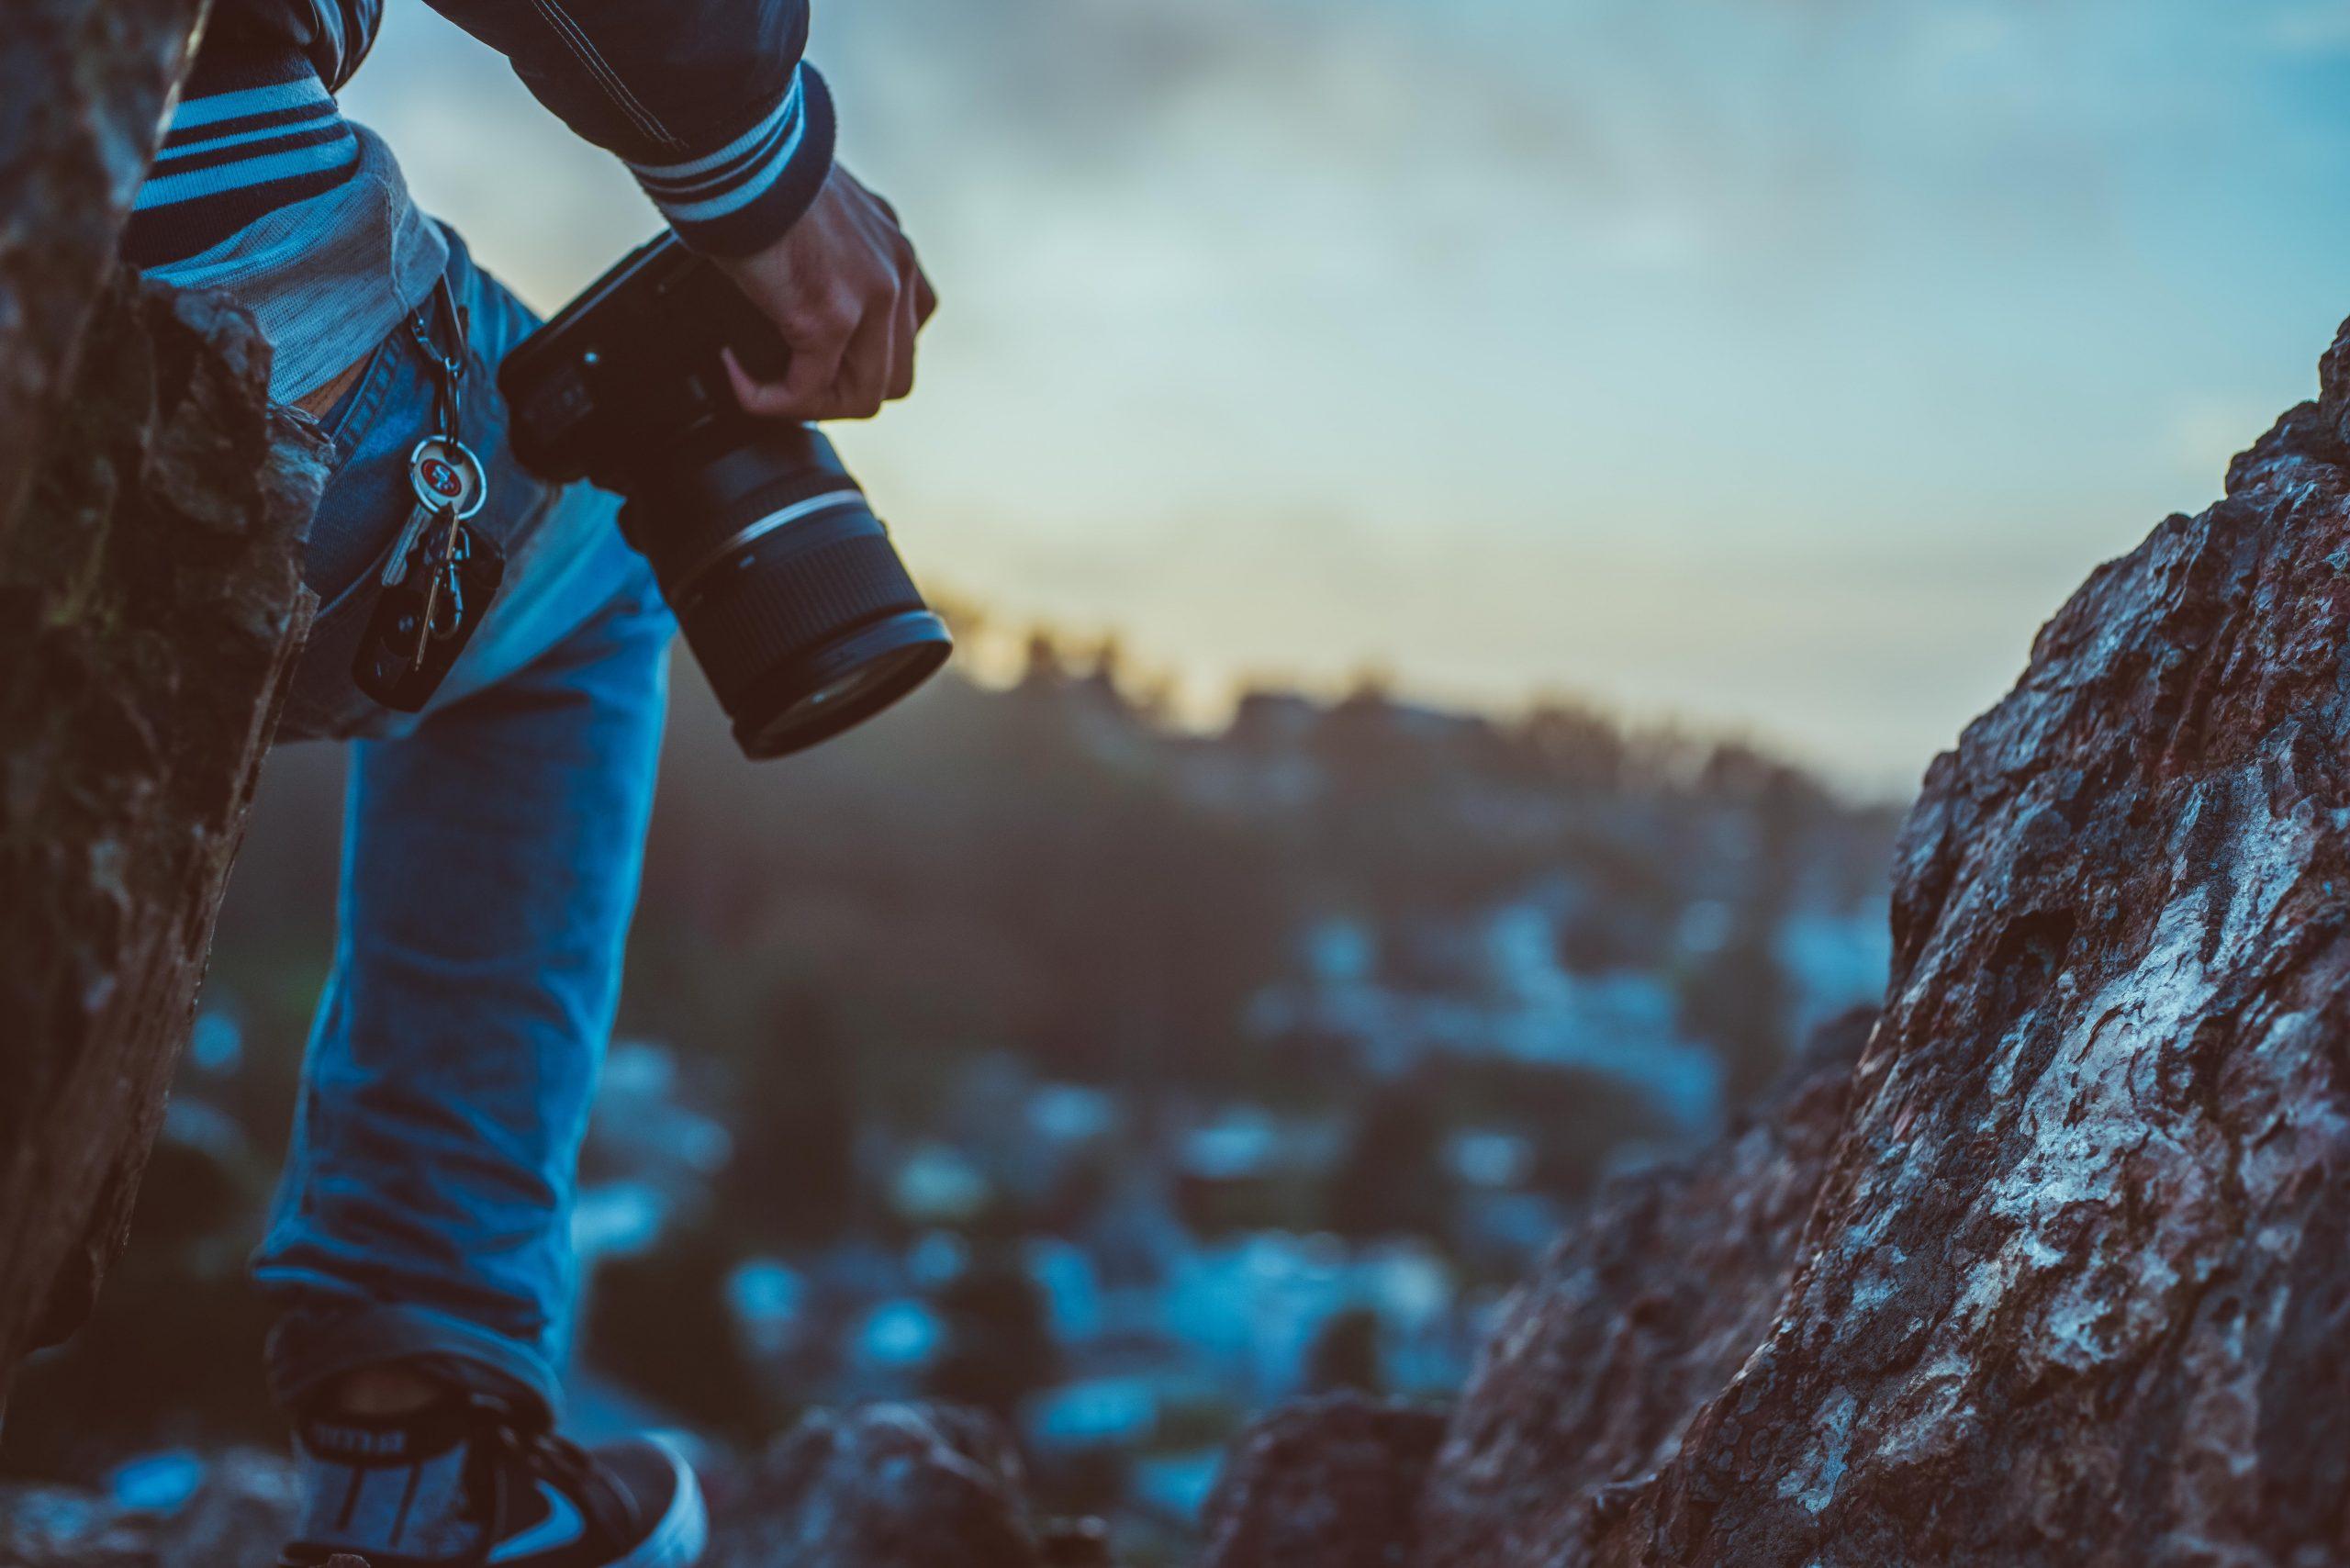 7 conseils simples pour améliorer vos compétences photographiques